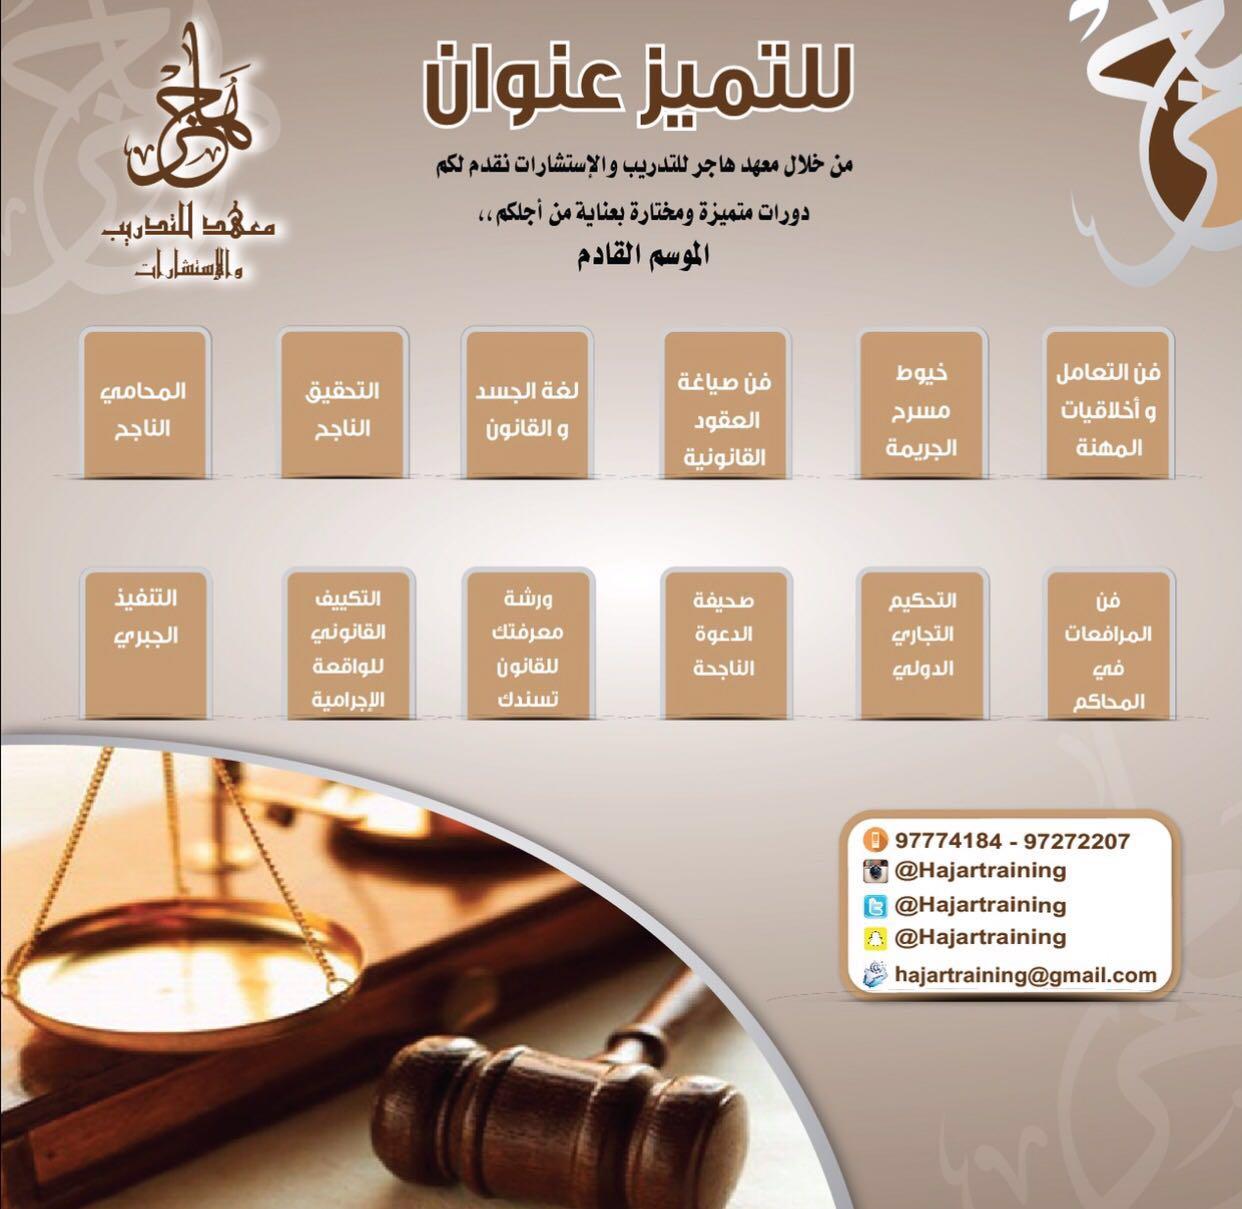 دورات قانونية متنوعة